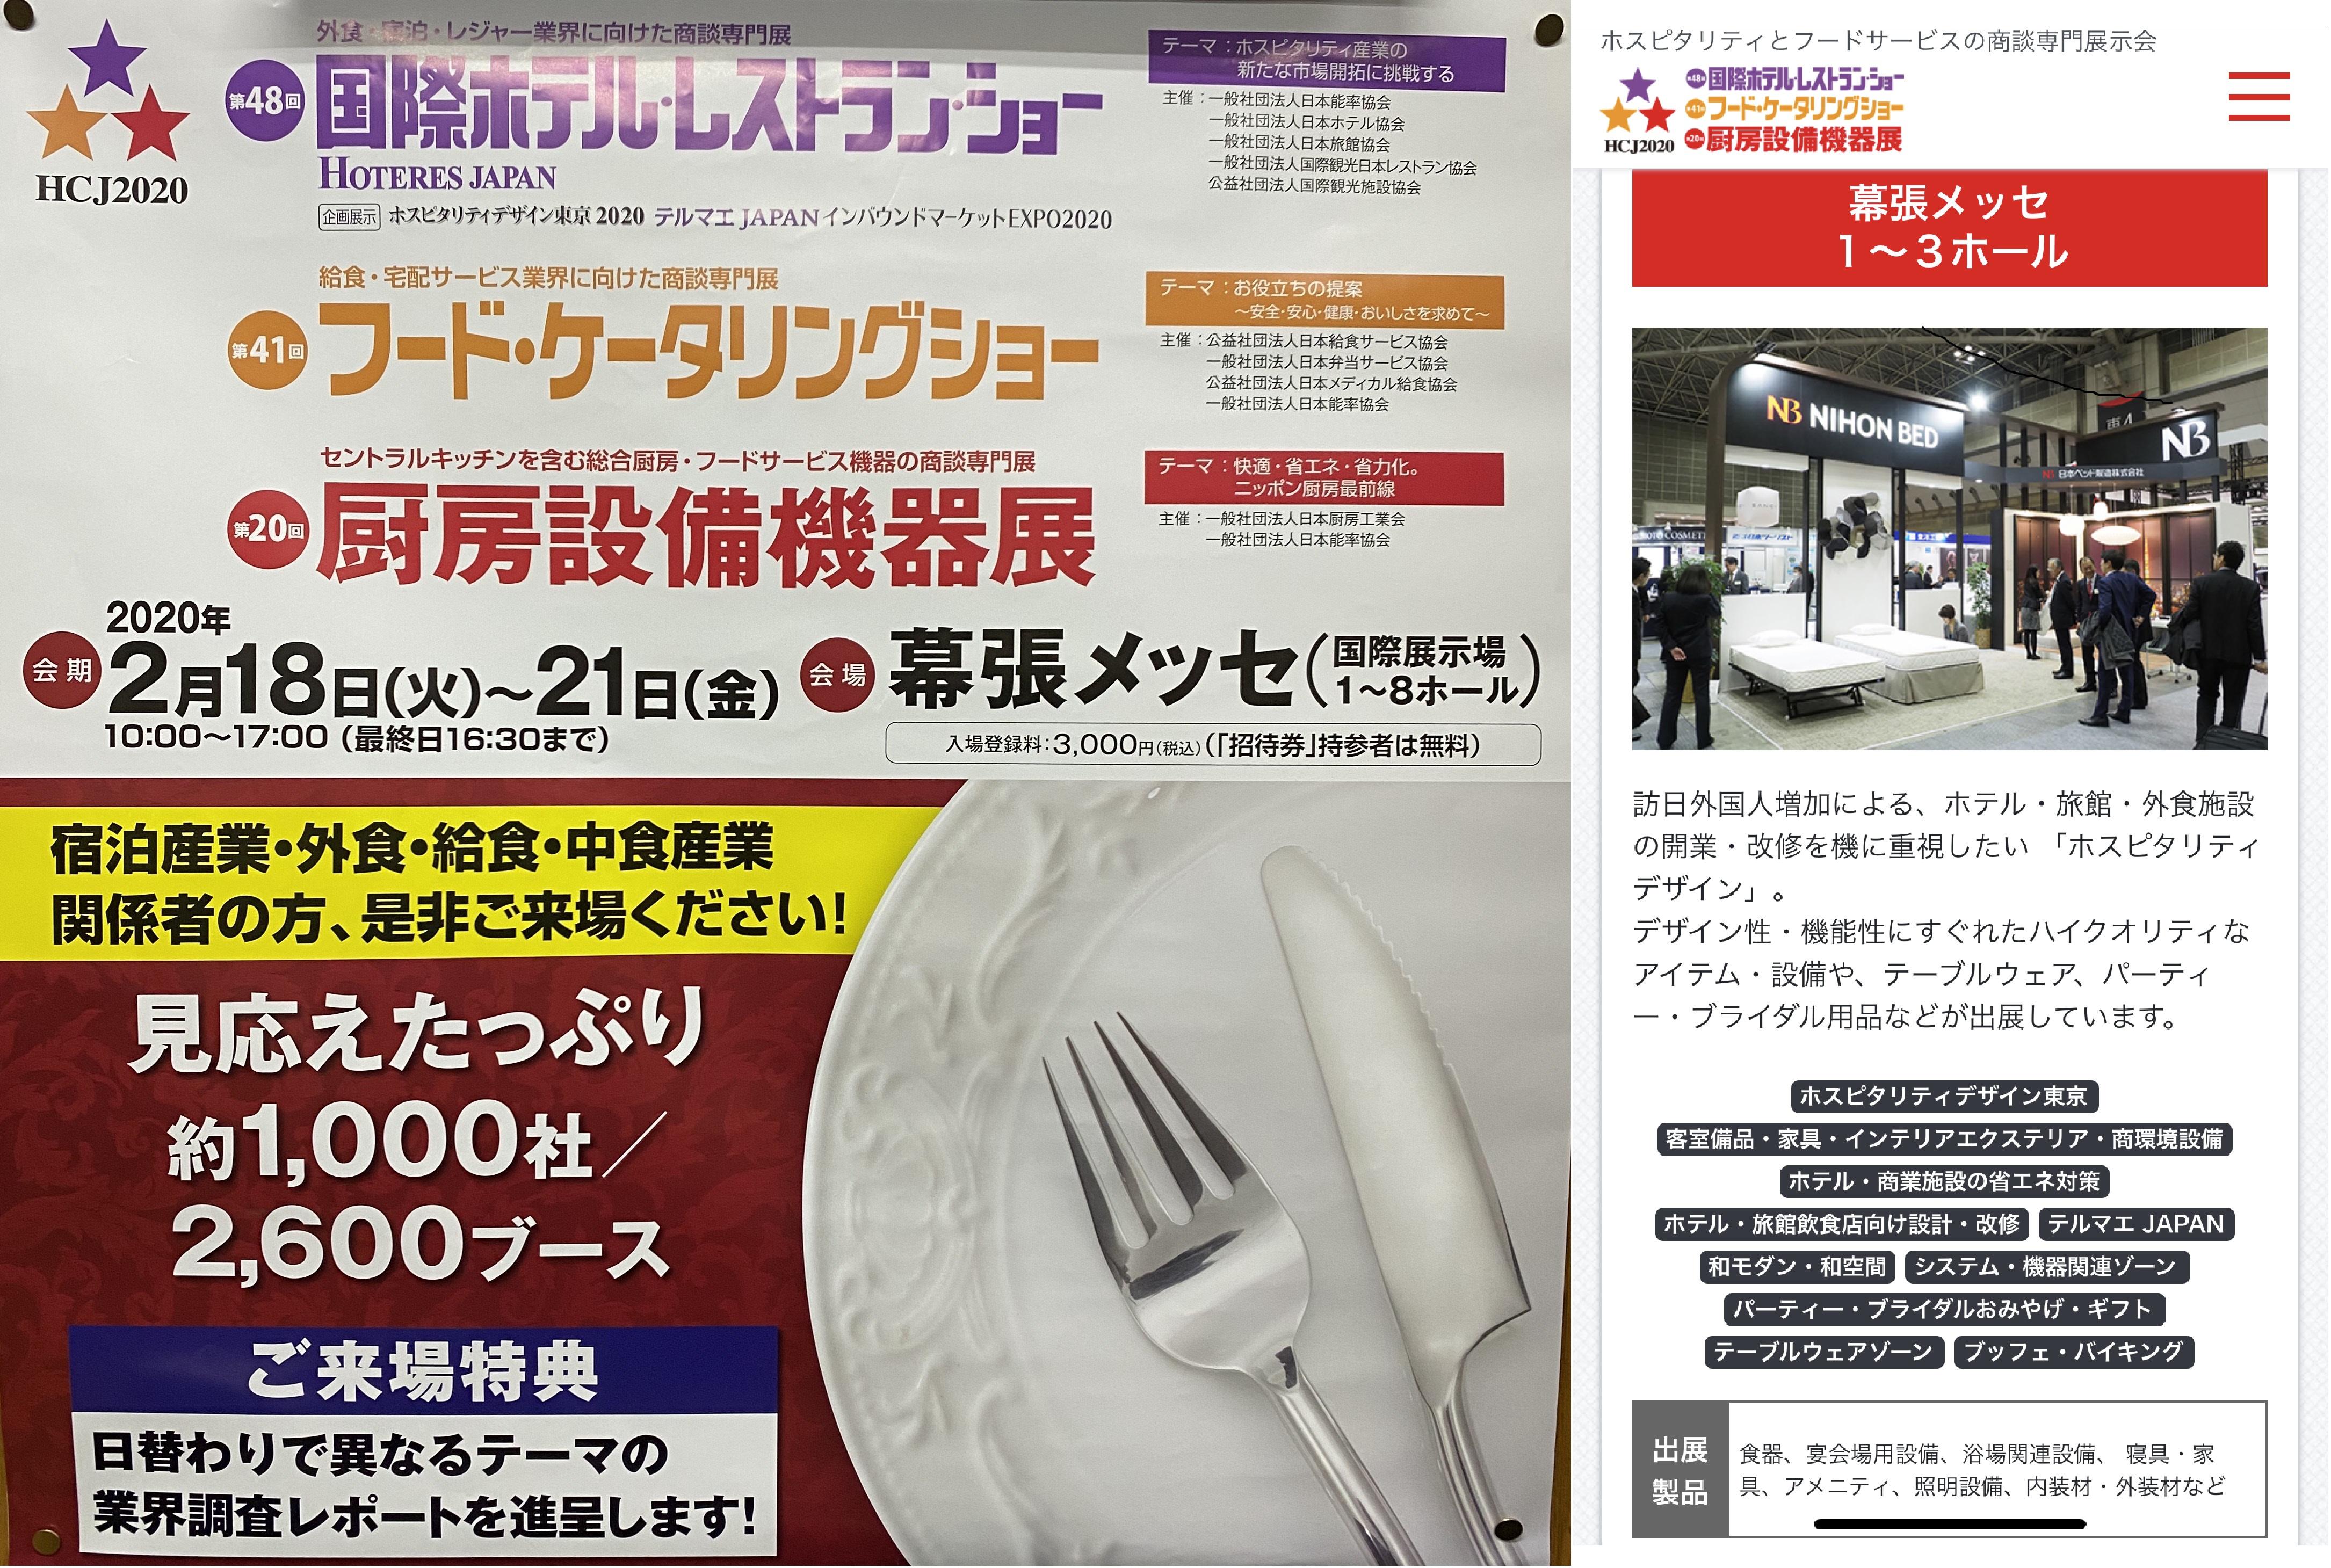 「第48回国際ホテル・レストラン・ショー(HOTERES JAPAN 2020)」に出展致します。